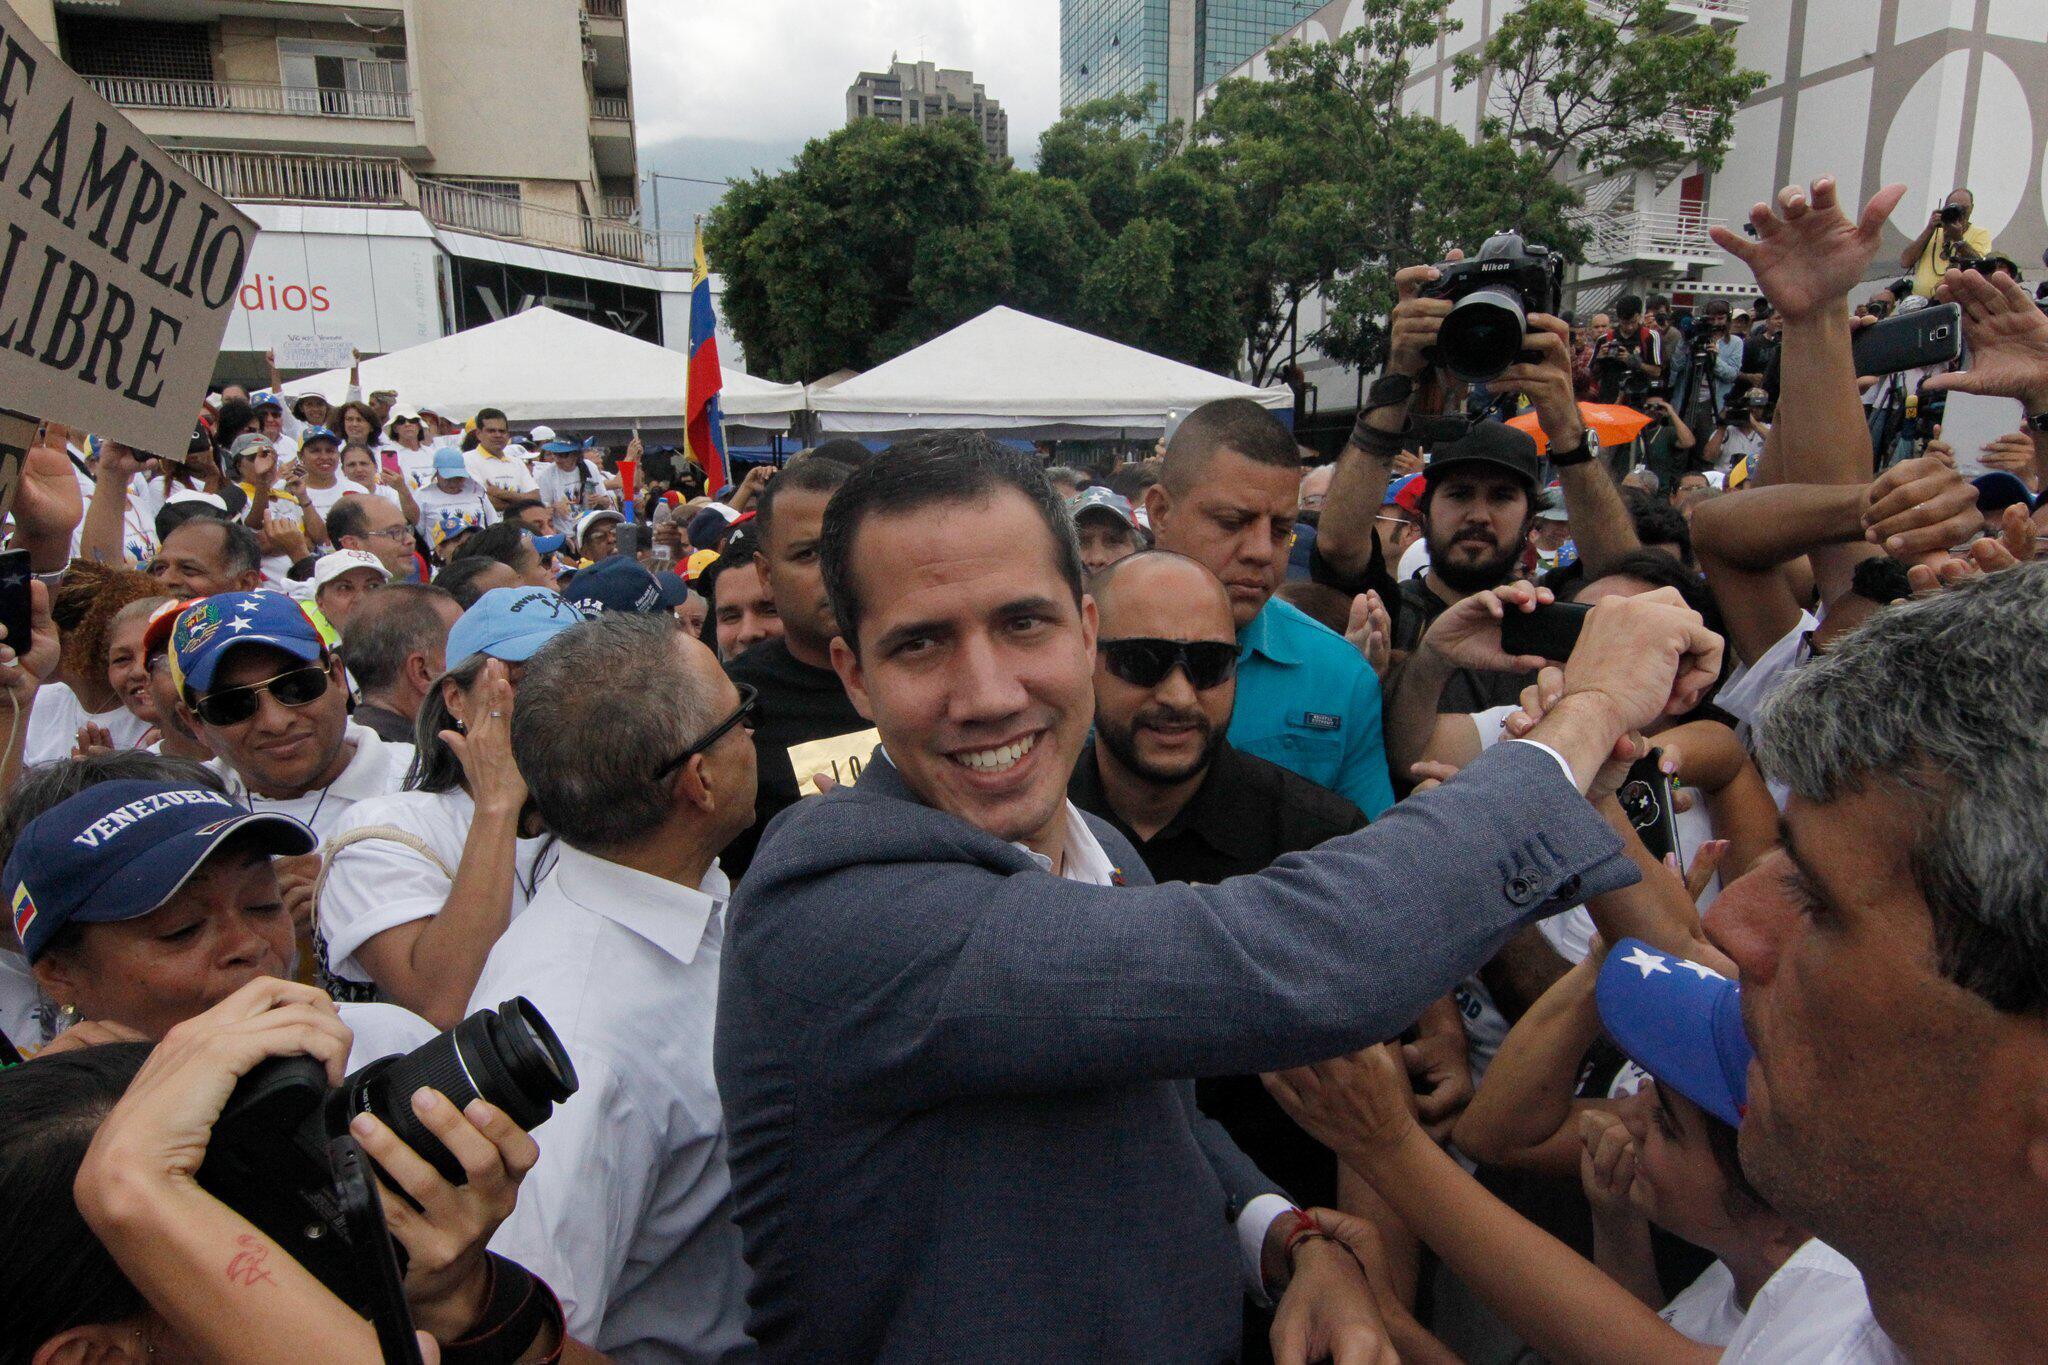 Bild zu Demonstration, Juan Guaido, Venezuela, Caracas, Putsch, Umsturz, Nicolas Maduro